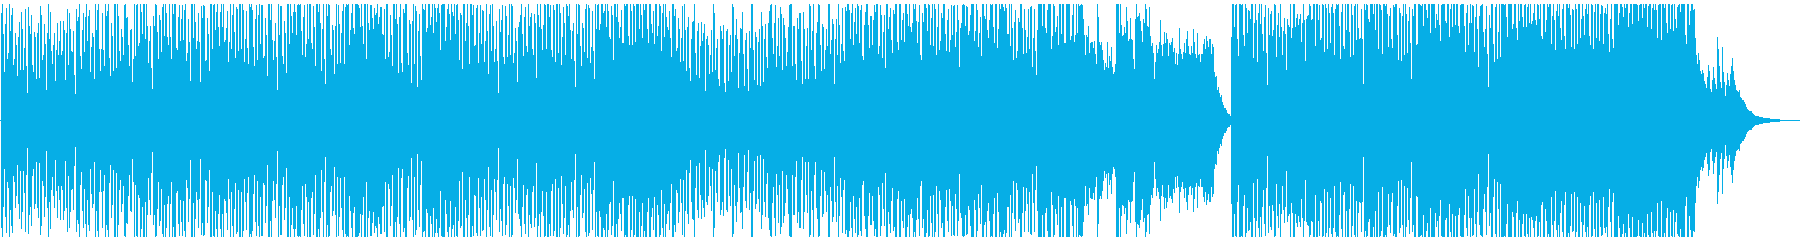 クリスマスをワクワクして待つBGMの再生済みの波形